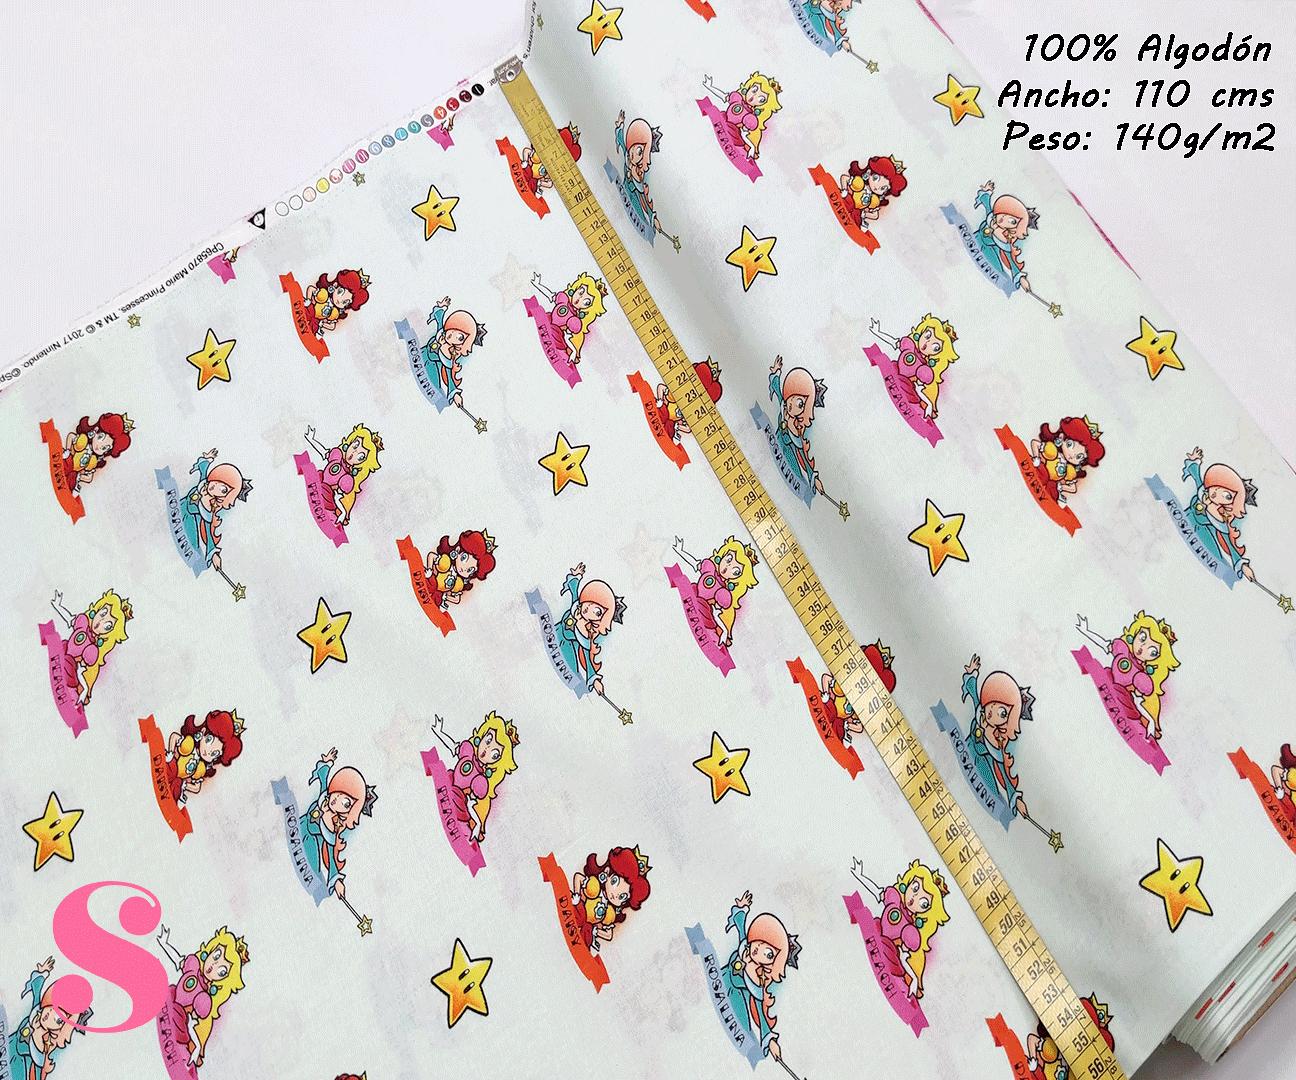 super-mario-princess,estampado-americano-vintage,estampada-algodon,telas-para-niños-estampadas,tnt,algodon,Tejido Estampado Super Mario Princess